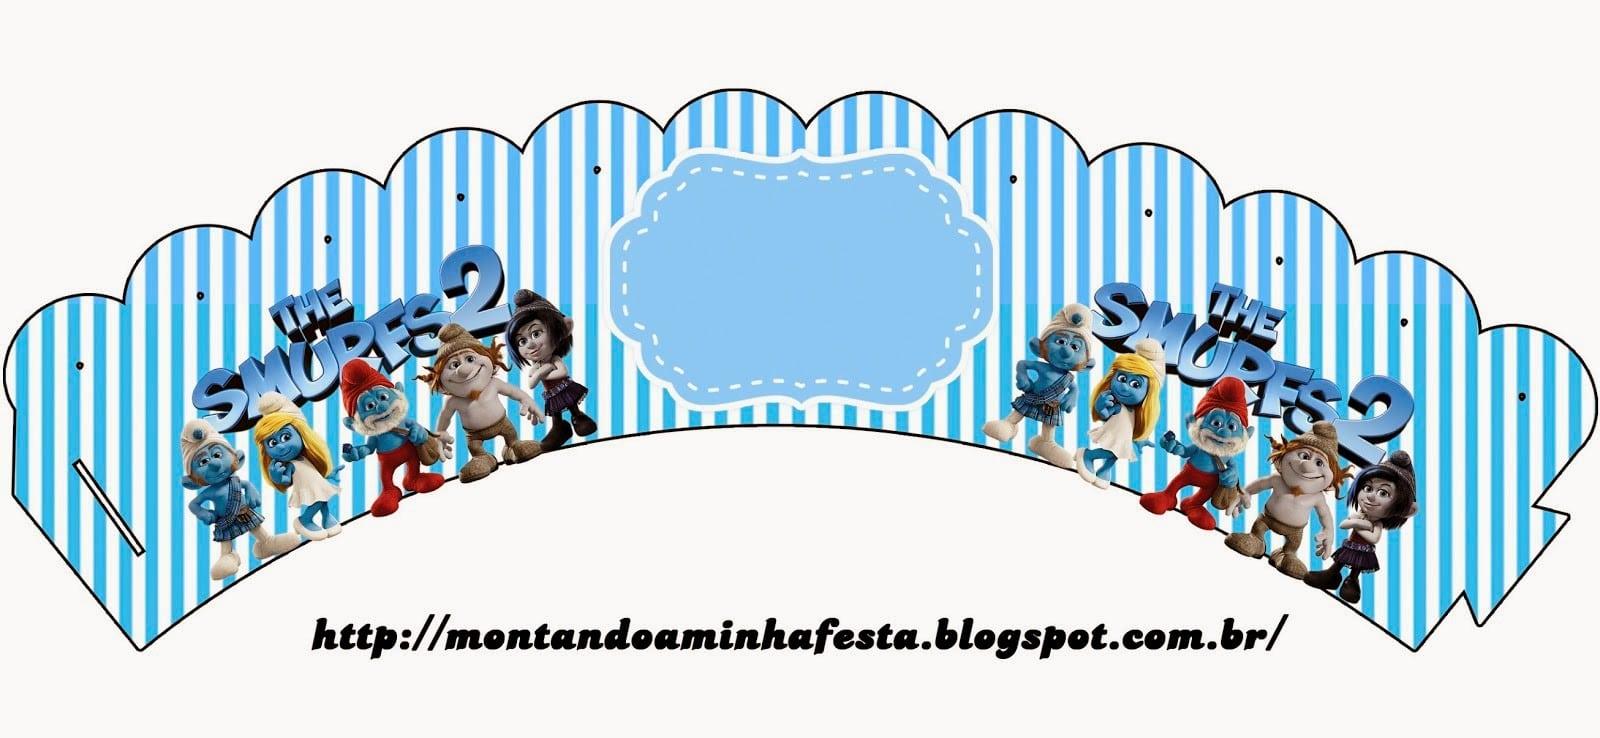 Free Hello Kitty Invitation Templates For Mac 2